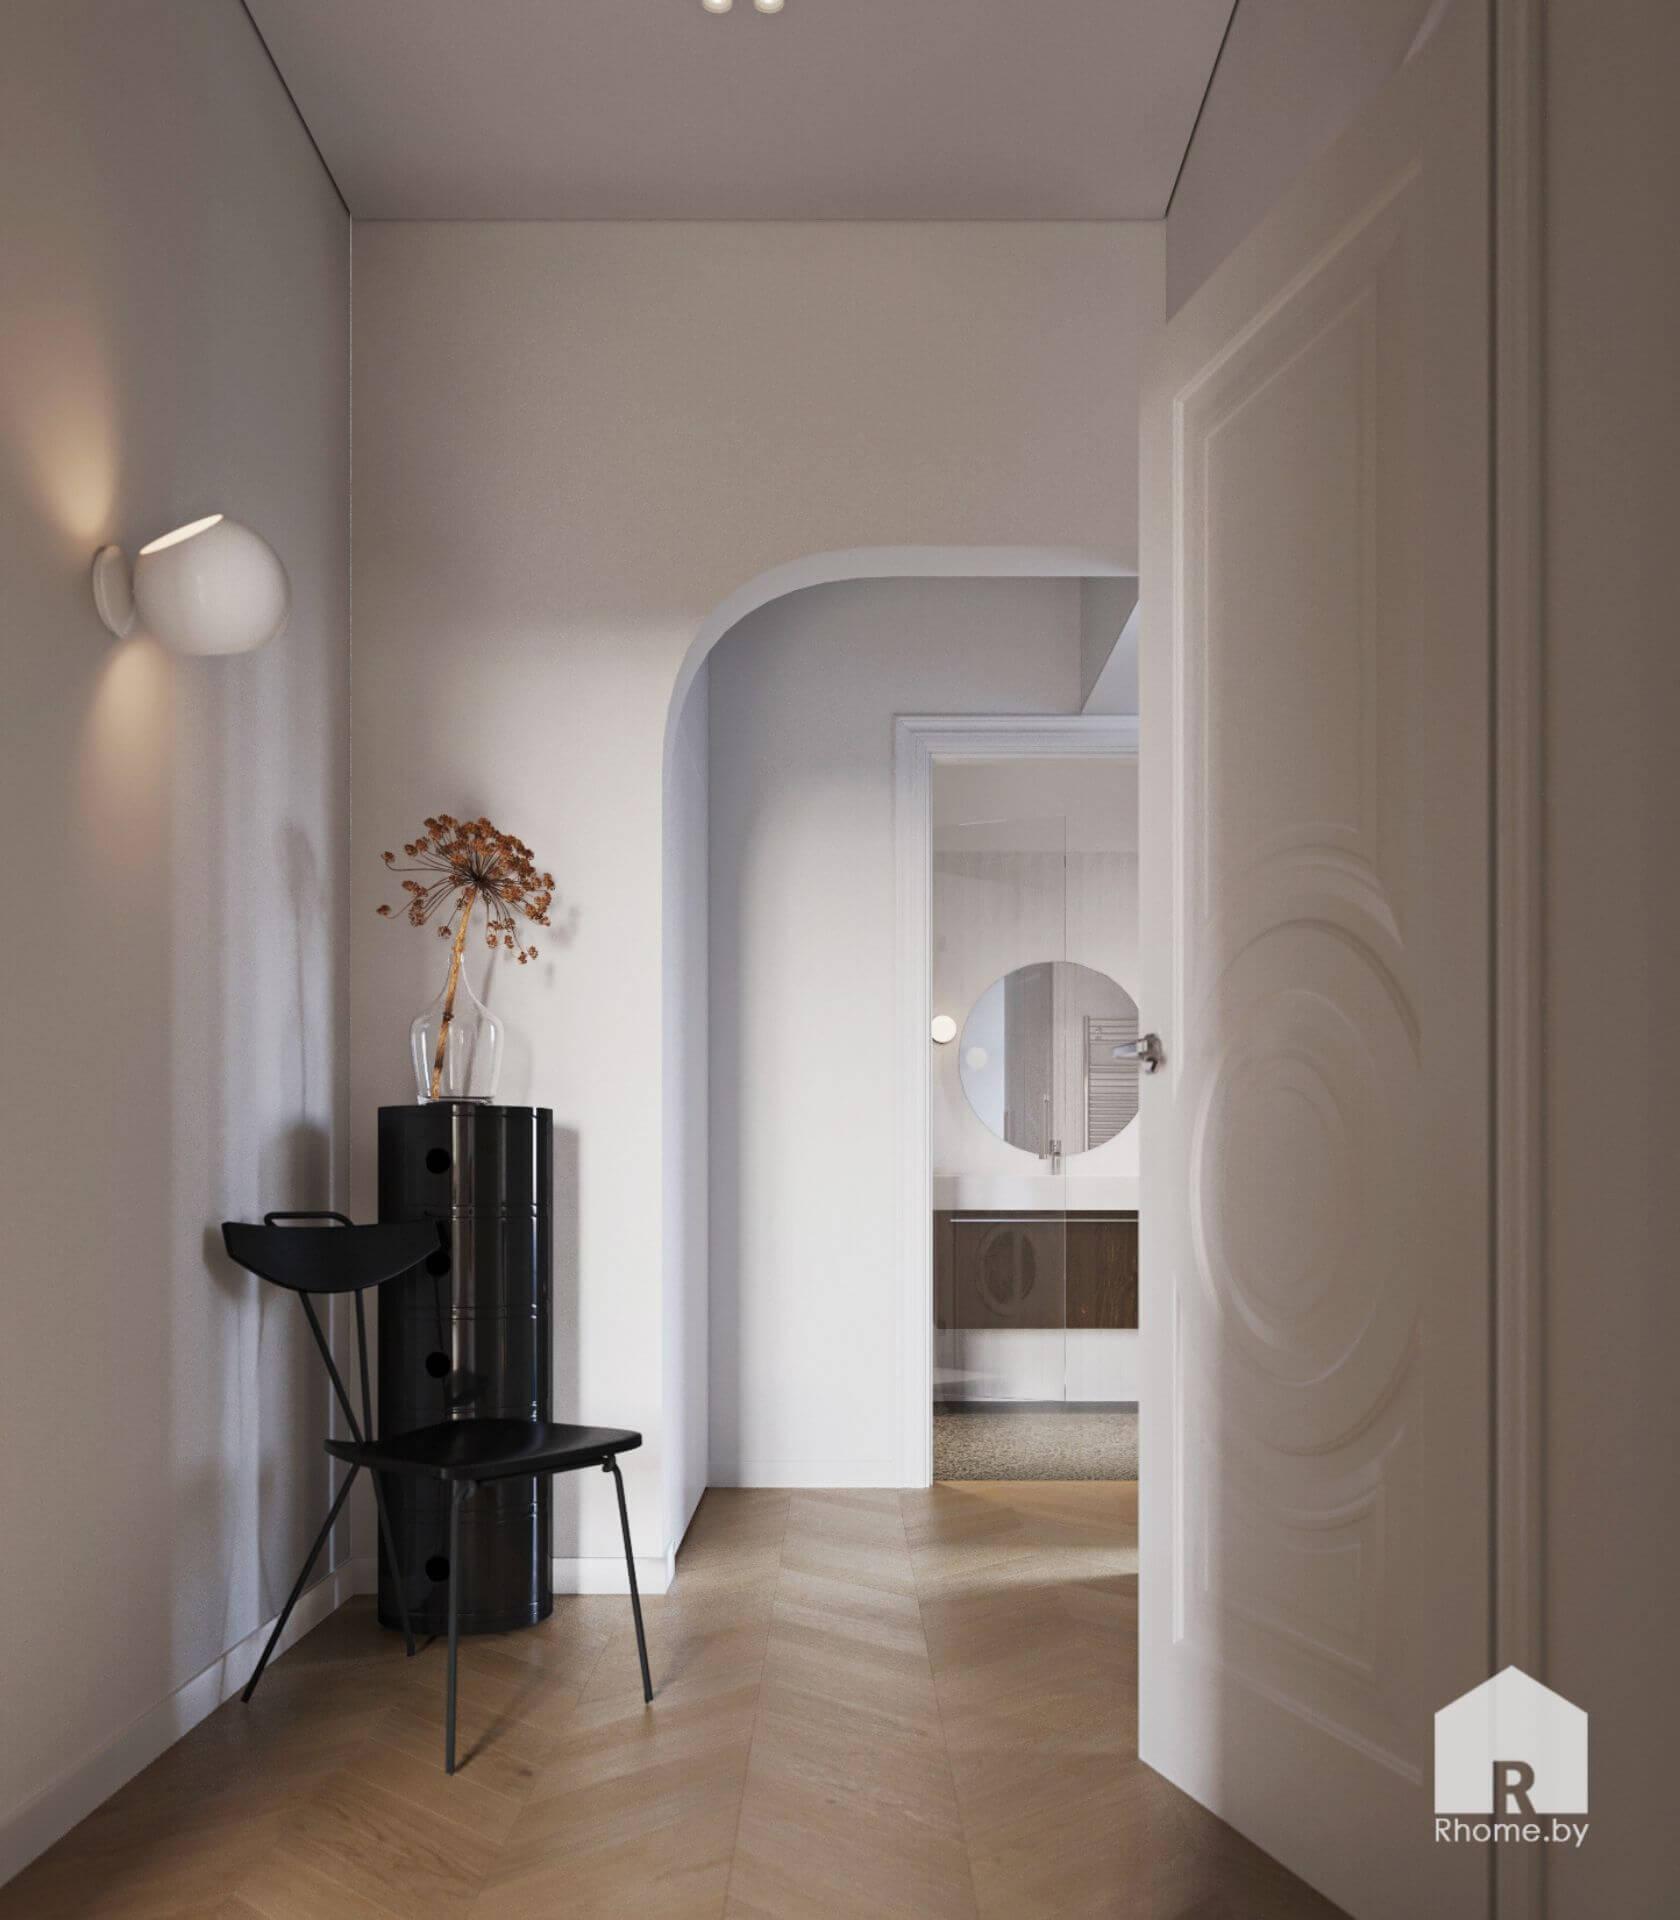 Светлый холл с черной тумбой, минималистичным светильником на стене, черной тумбой в углу и круглым зеркалом на дальней стене. Белыйе двери и арочный портал.